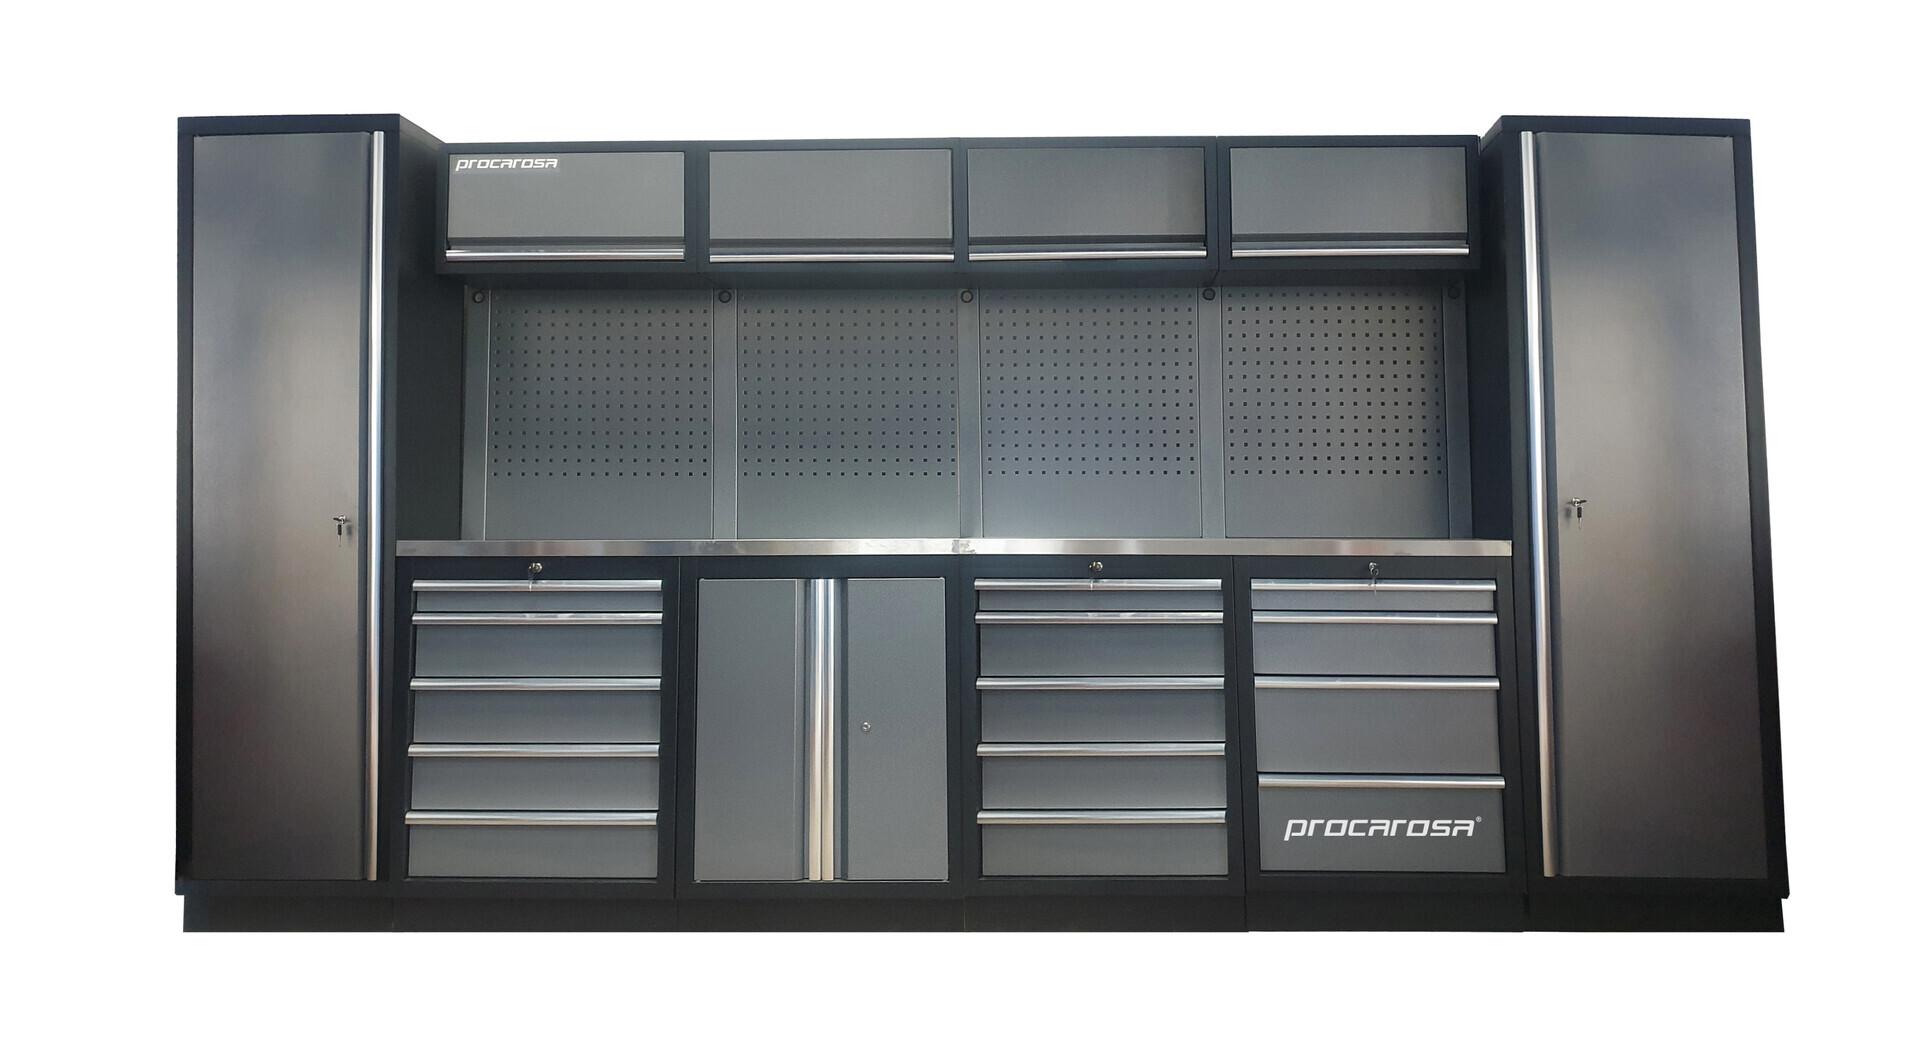 Sestava dílenského nábytku Procarosa PROFESSIONAL L-6 Pracovní deska: nerezová, Hmotnost: